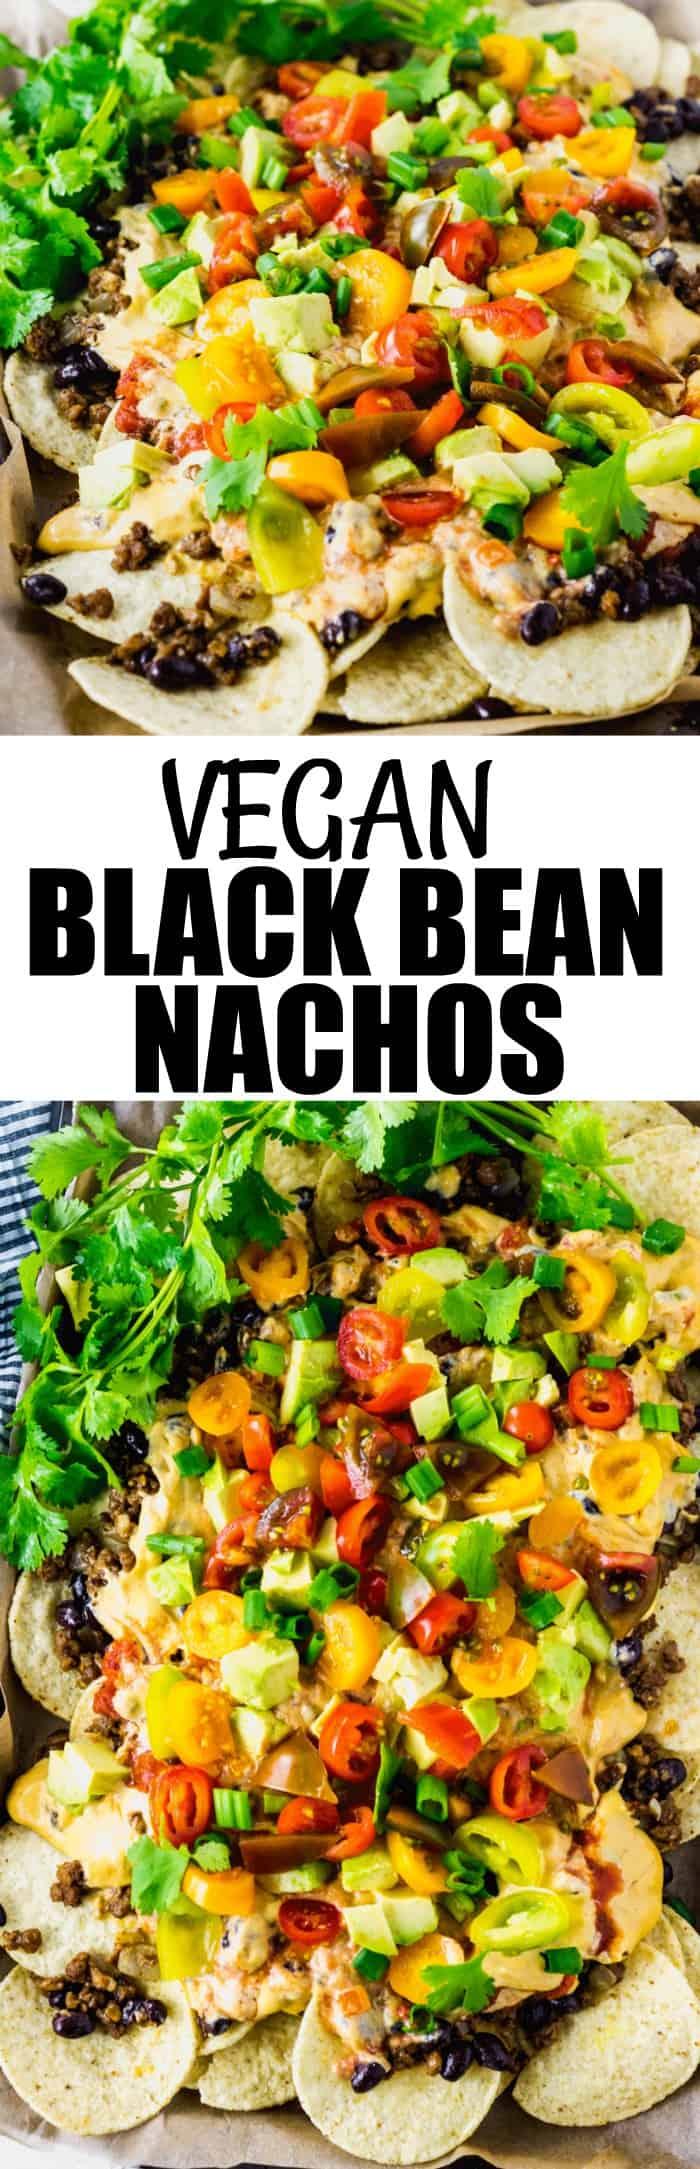 Vegan Black Bean Nachos